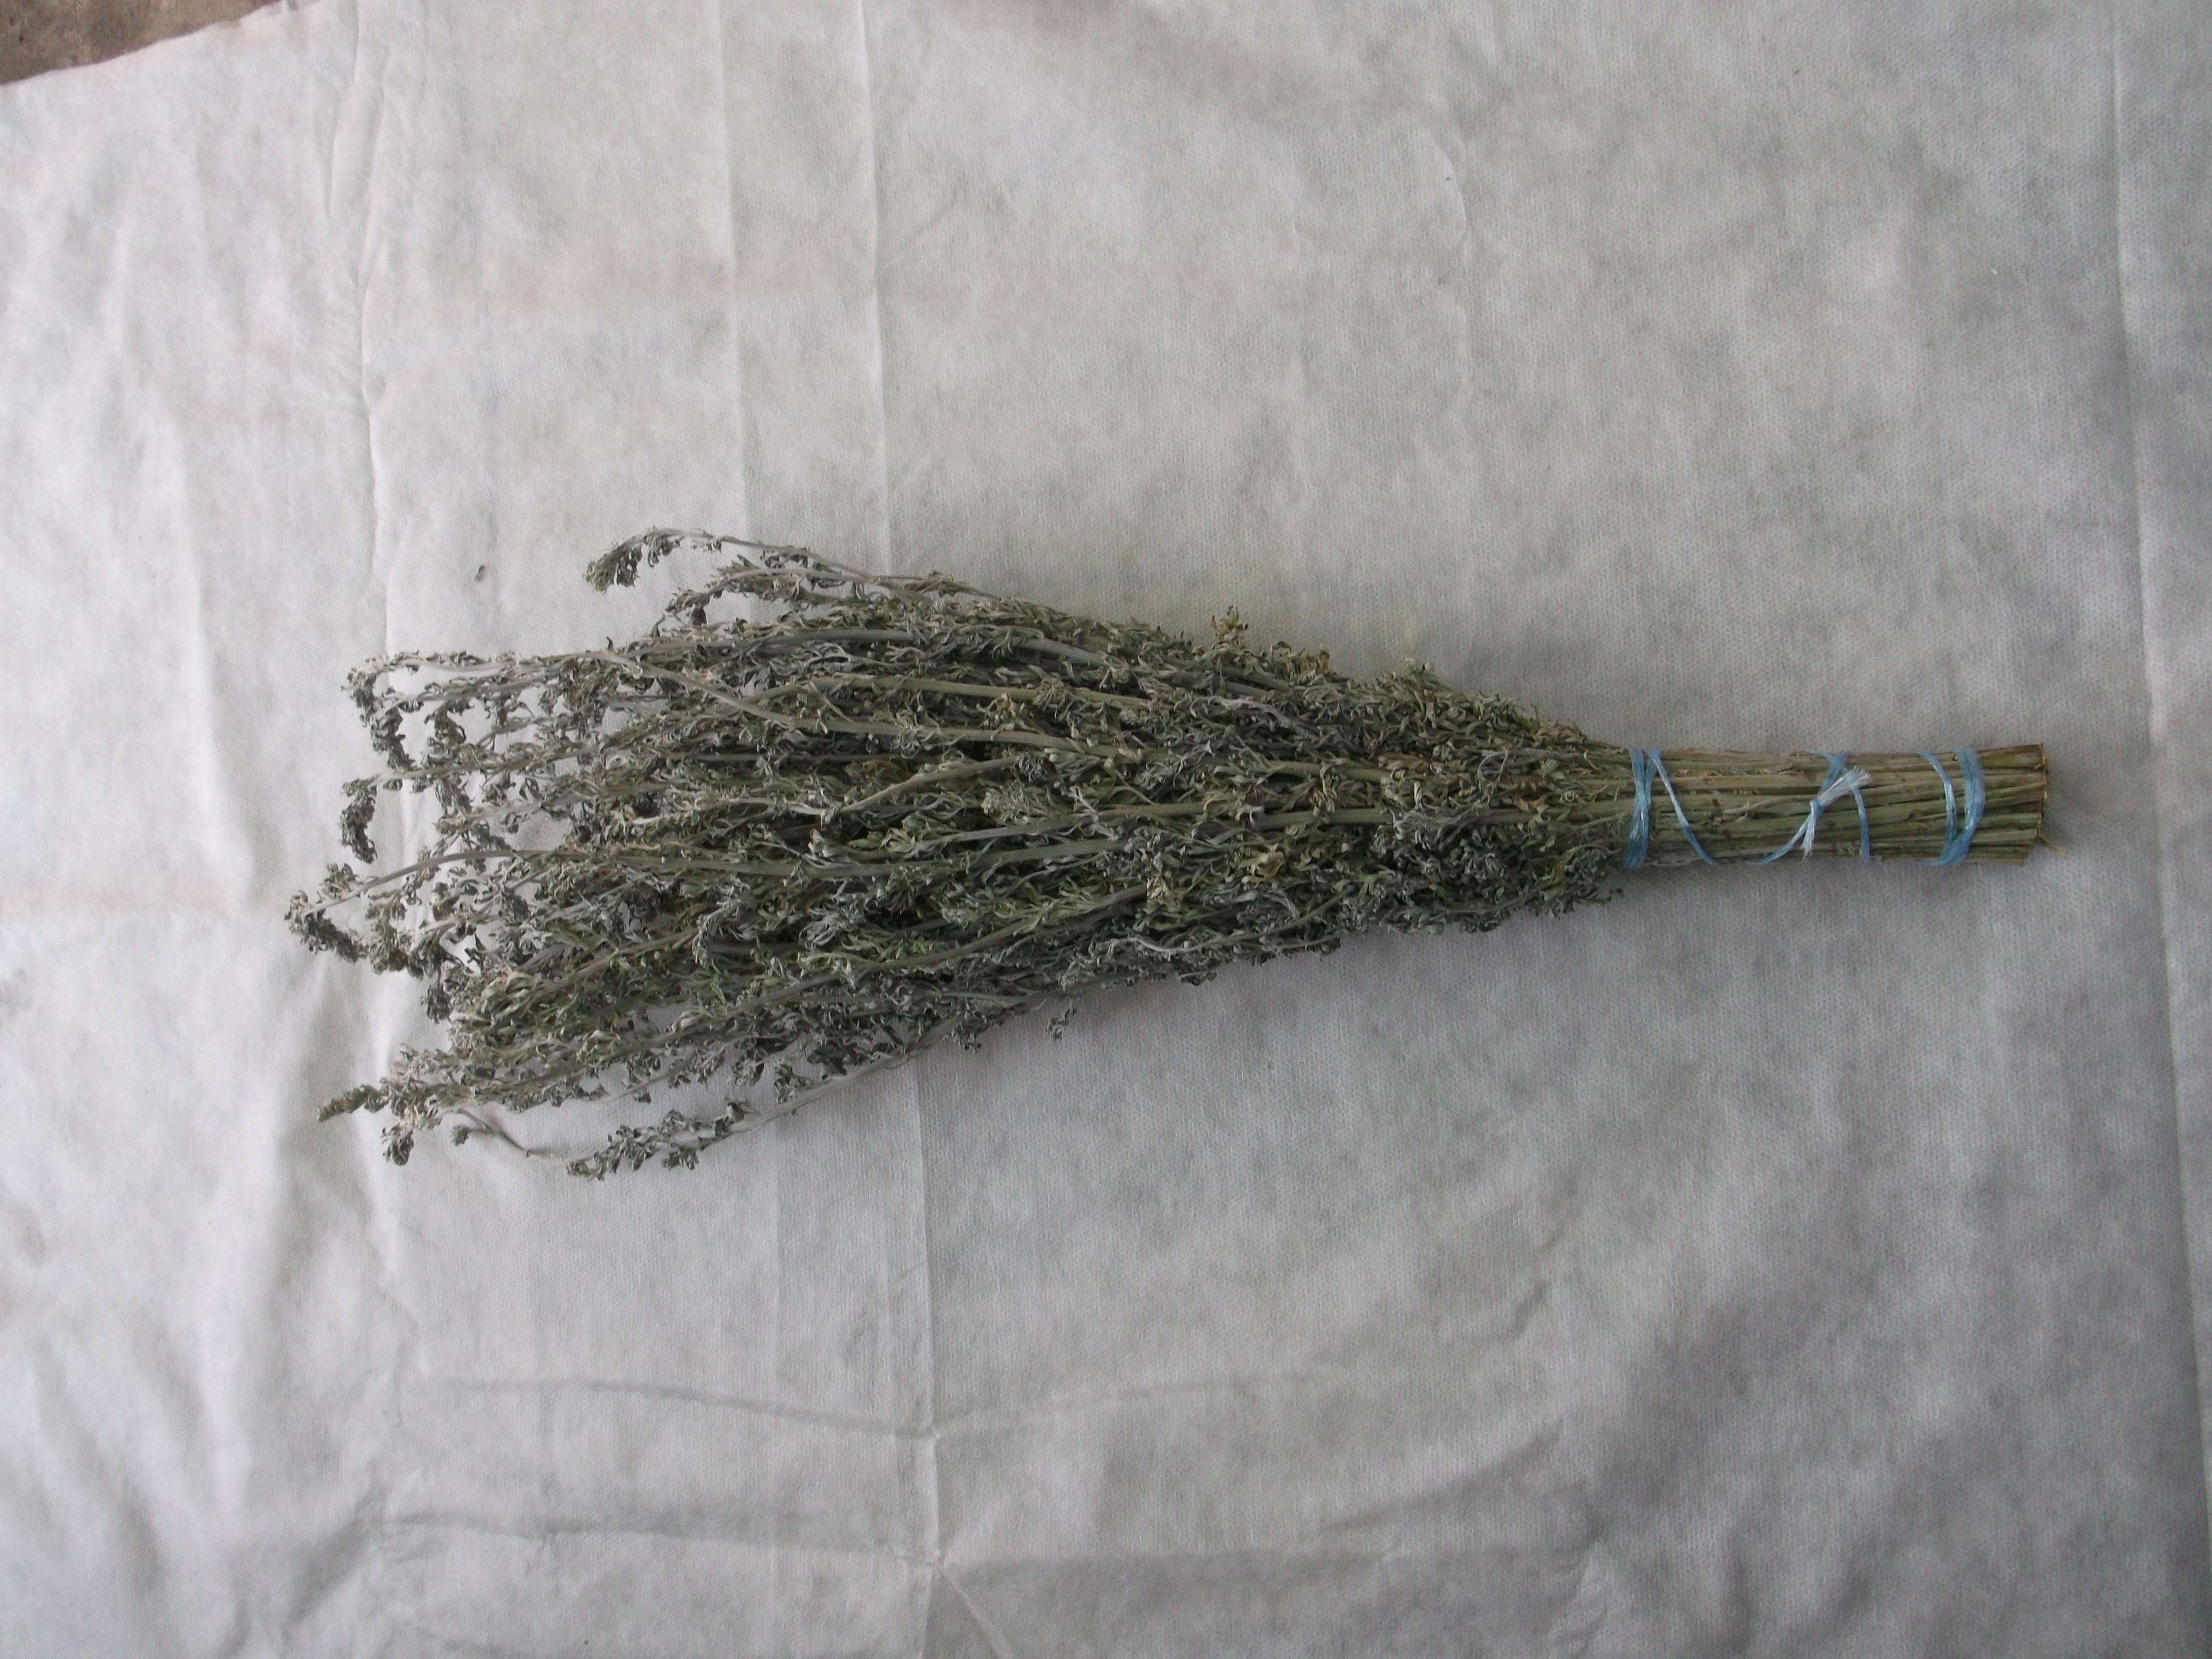 Полынь в бане: виды и свойства травы, польза и показания к применению, противопоказания, особенности веника из полыни, видео-обзор